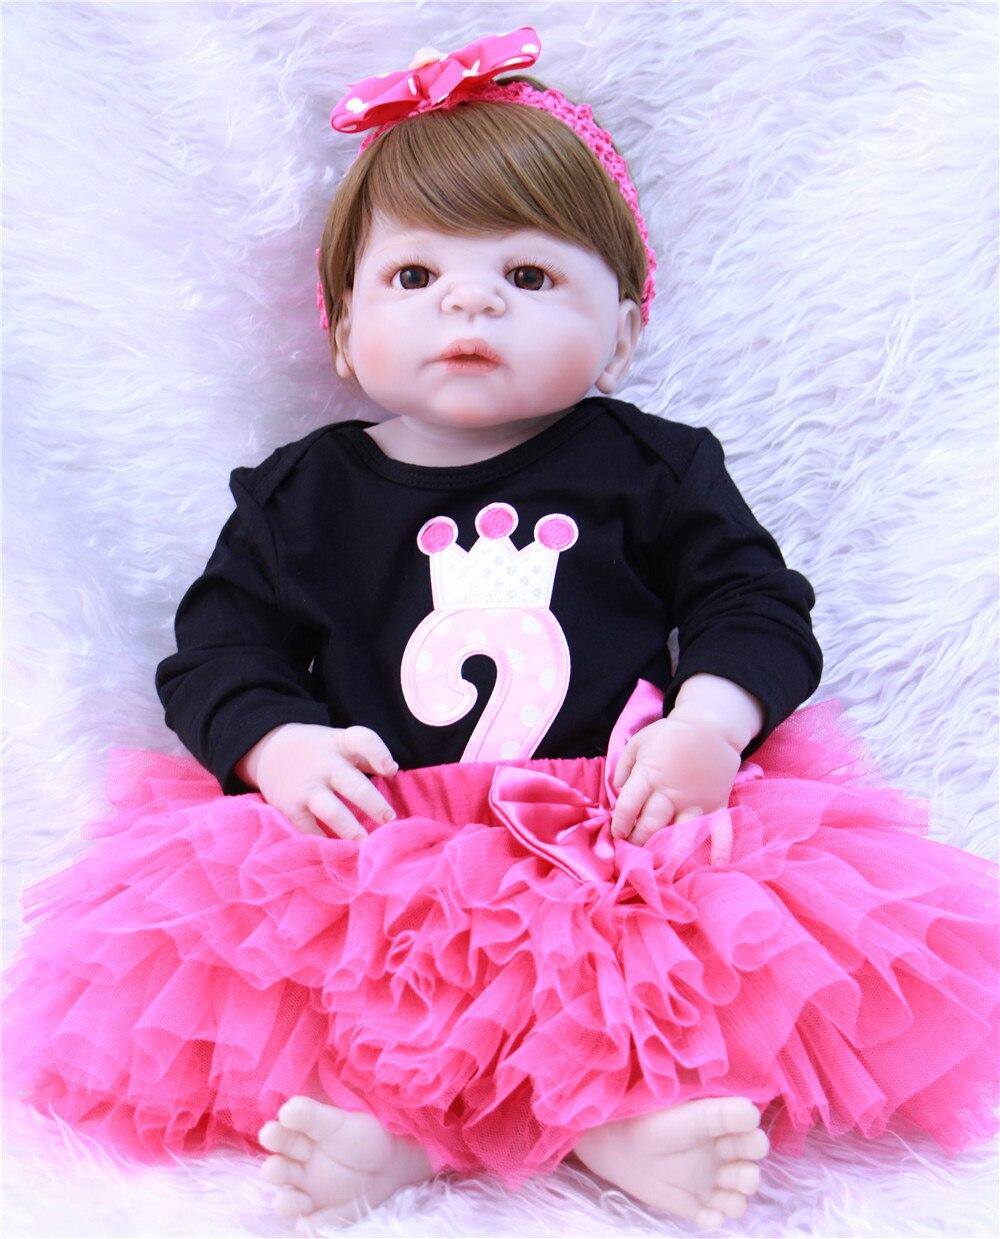 Silicone pieno Bambole Del Bambino Rinato Ragazza capelli Corti castani grande Bambini 57 cm Bambola BB Reborn Occhi bule Principessa Reborn i bambini boneca de